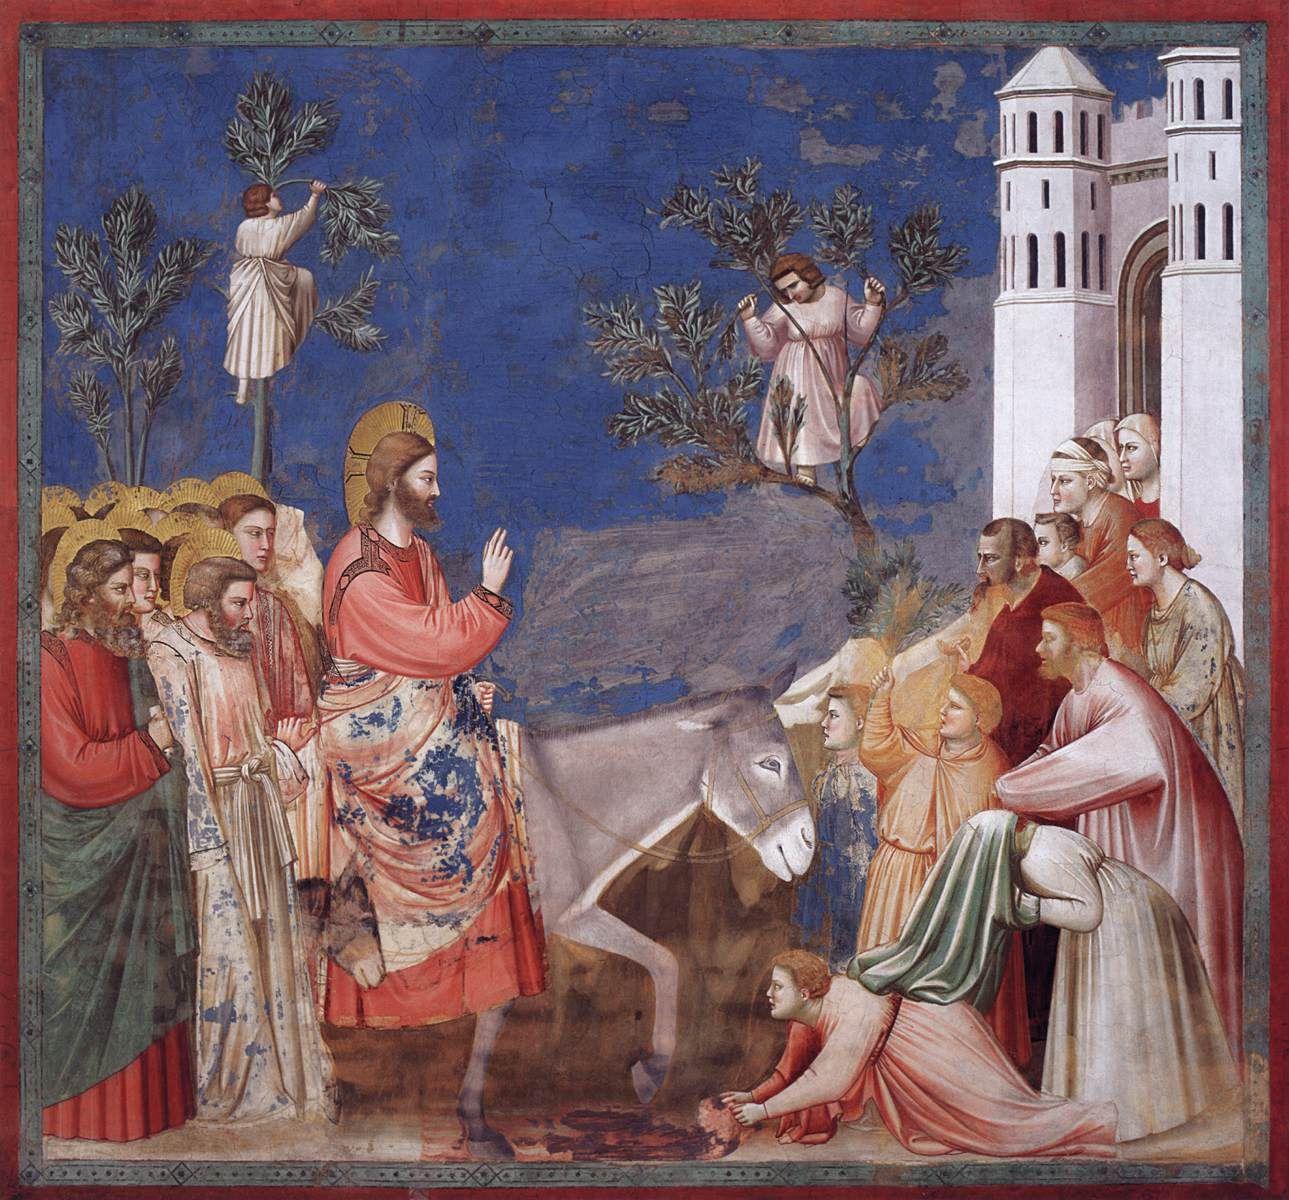 Ingresso a Gerusalemme, 1303-1305, Cappella degli Scrovegni, Padova / Giotto di Bondone (Vespignano, 1267 circa – Firenze, 1337)